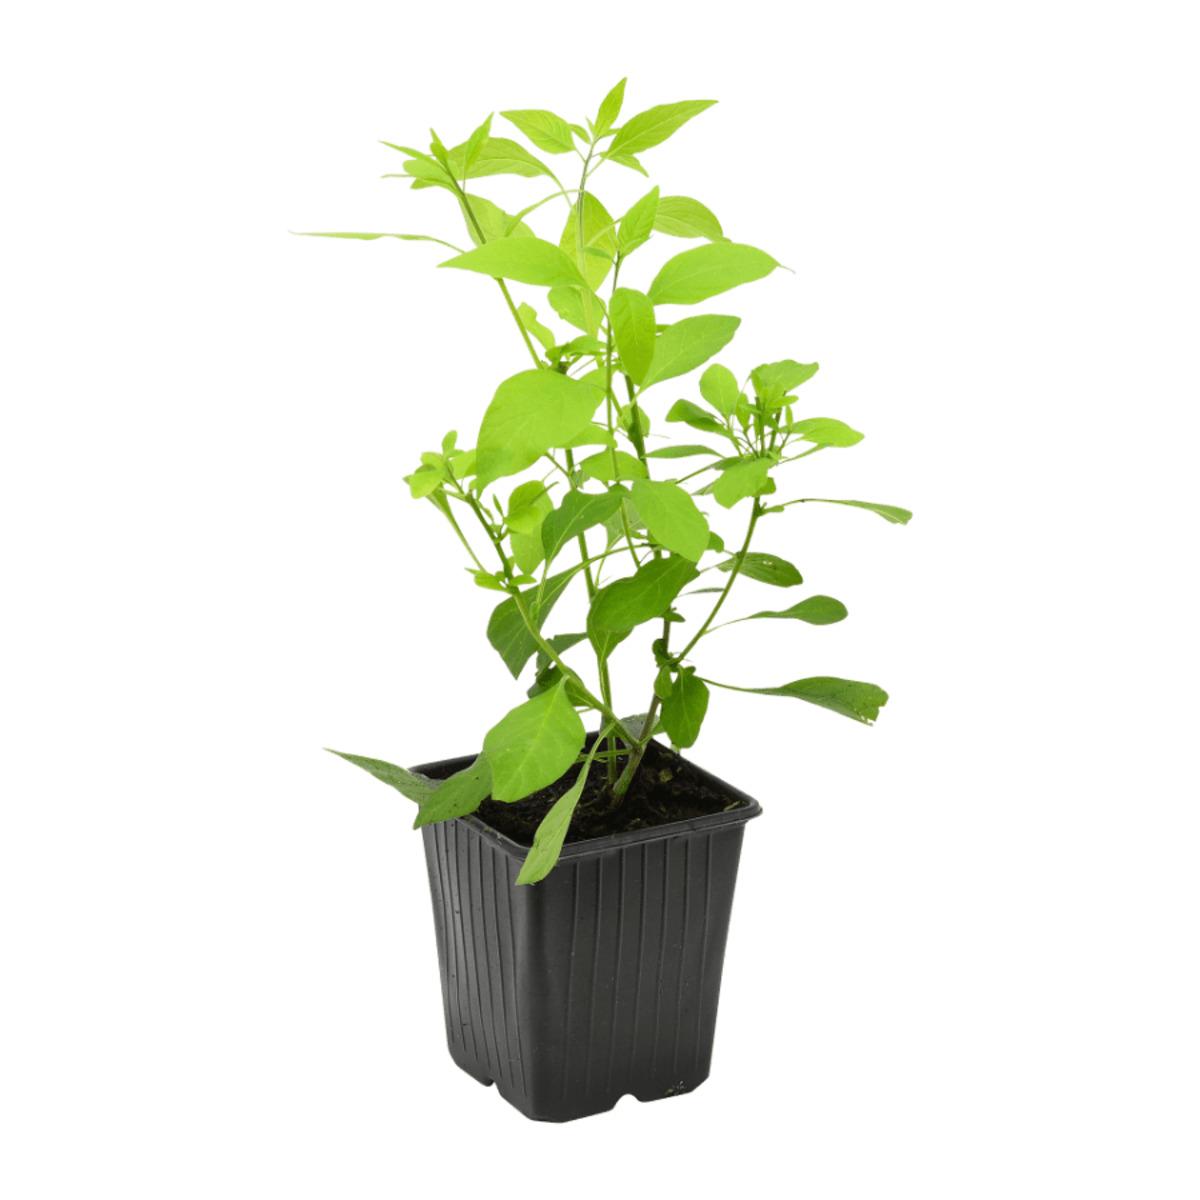 Bild 2 von GARDENLINE     Rankpflanze